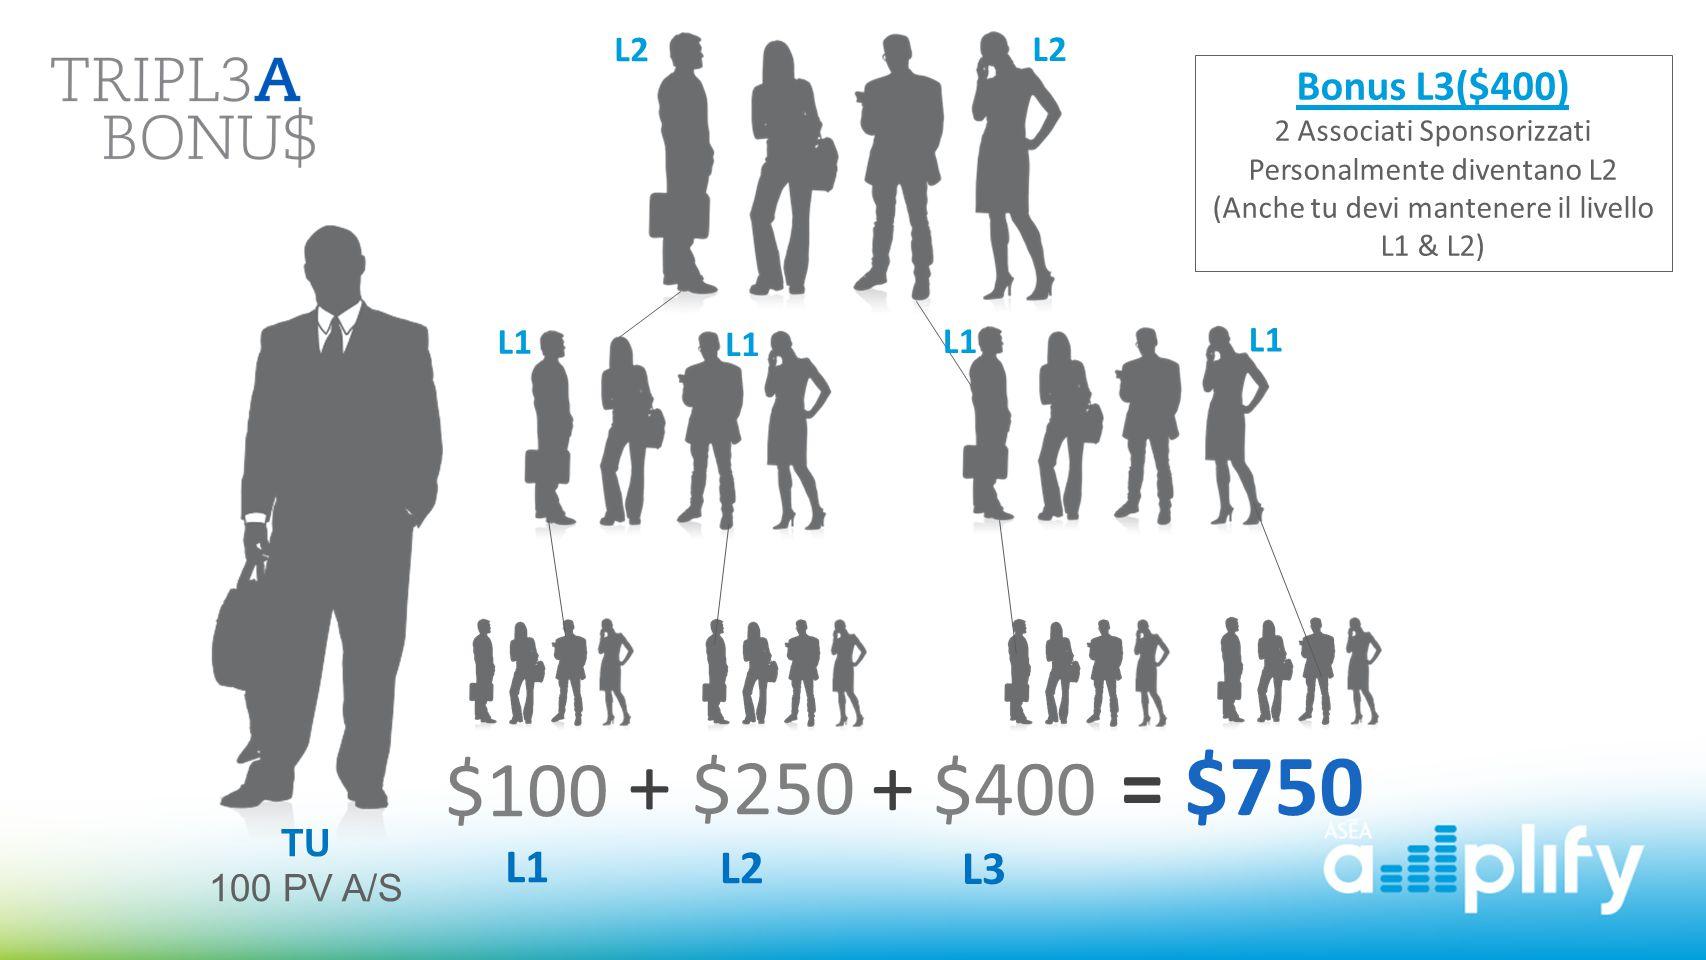 + $250 L2 + $400 L3 = $750 $100 L1 Bonus L3($400) L2 L2 L1 L1 L1 L1 TU